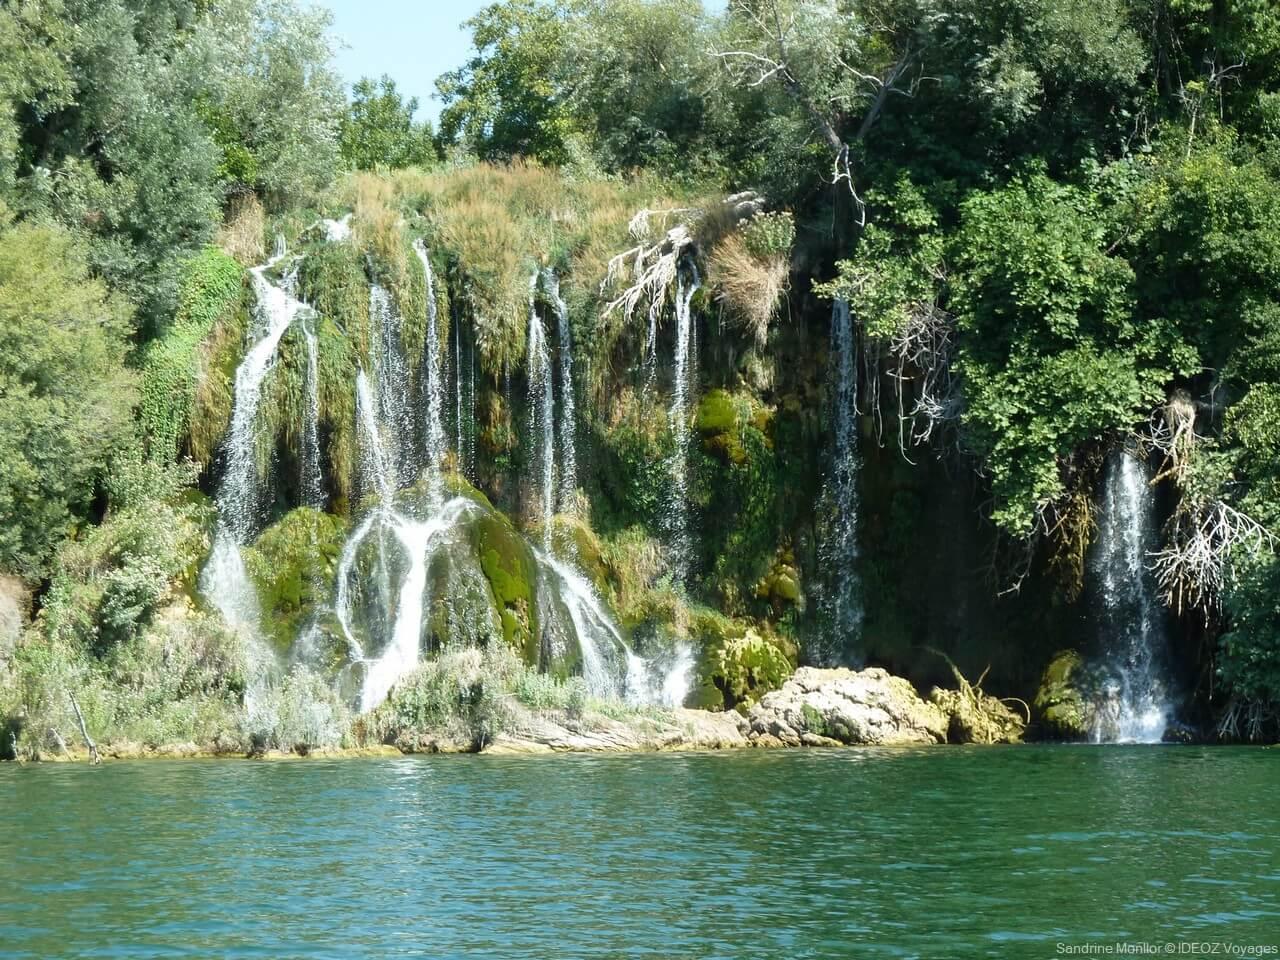 Découvrir le parc Krka hors des sentiers battus et à l'écart des touristes! 2